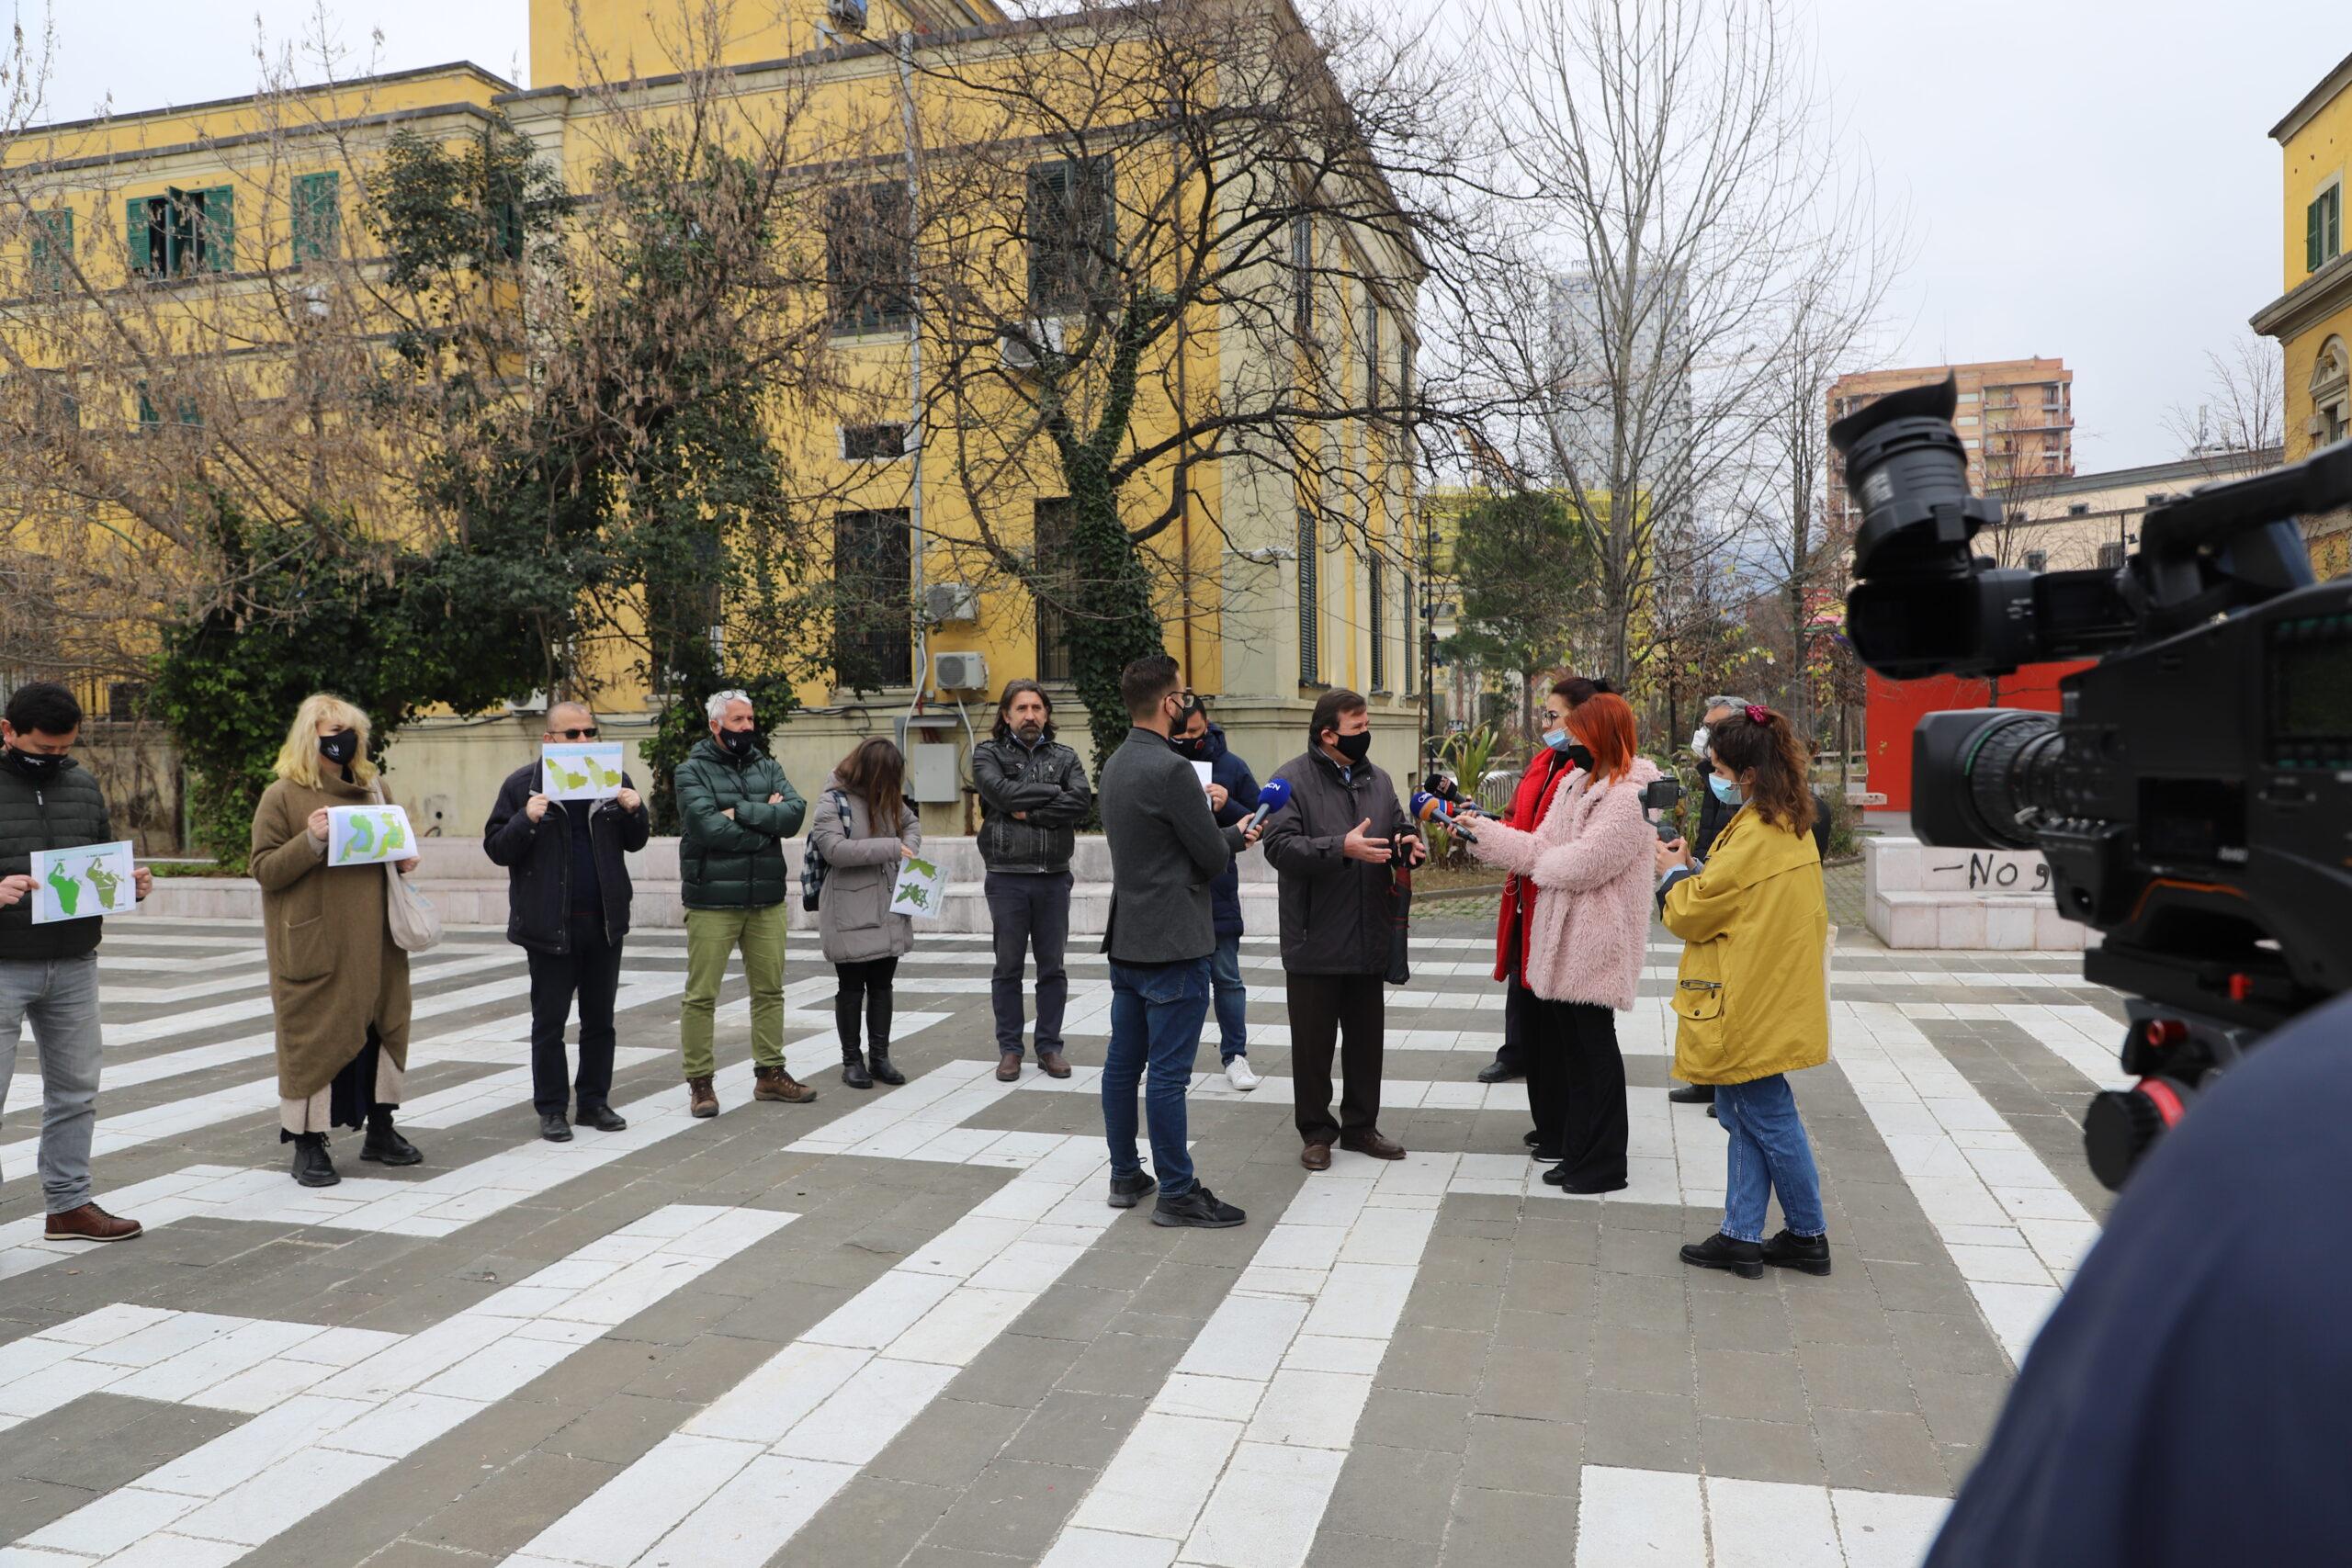 Kërcënohen Zonat e Mbrojtura në Shqipëri për t'i hapur rrugë projekteve infrastrukturore